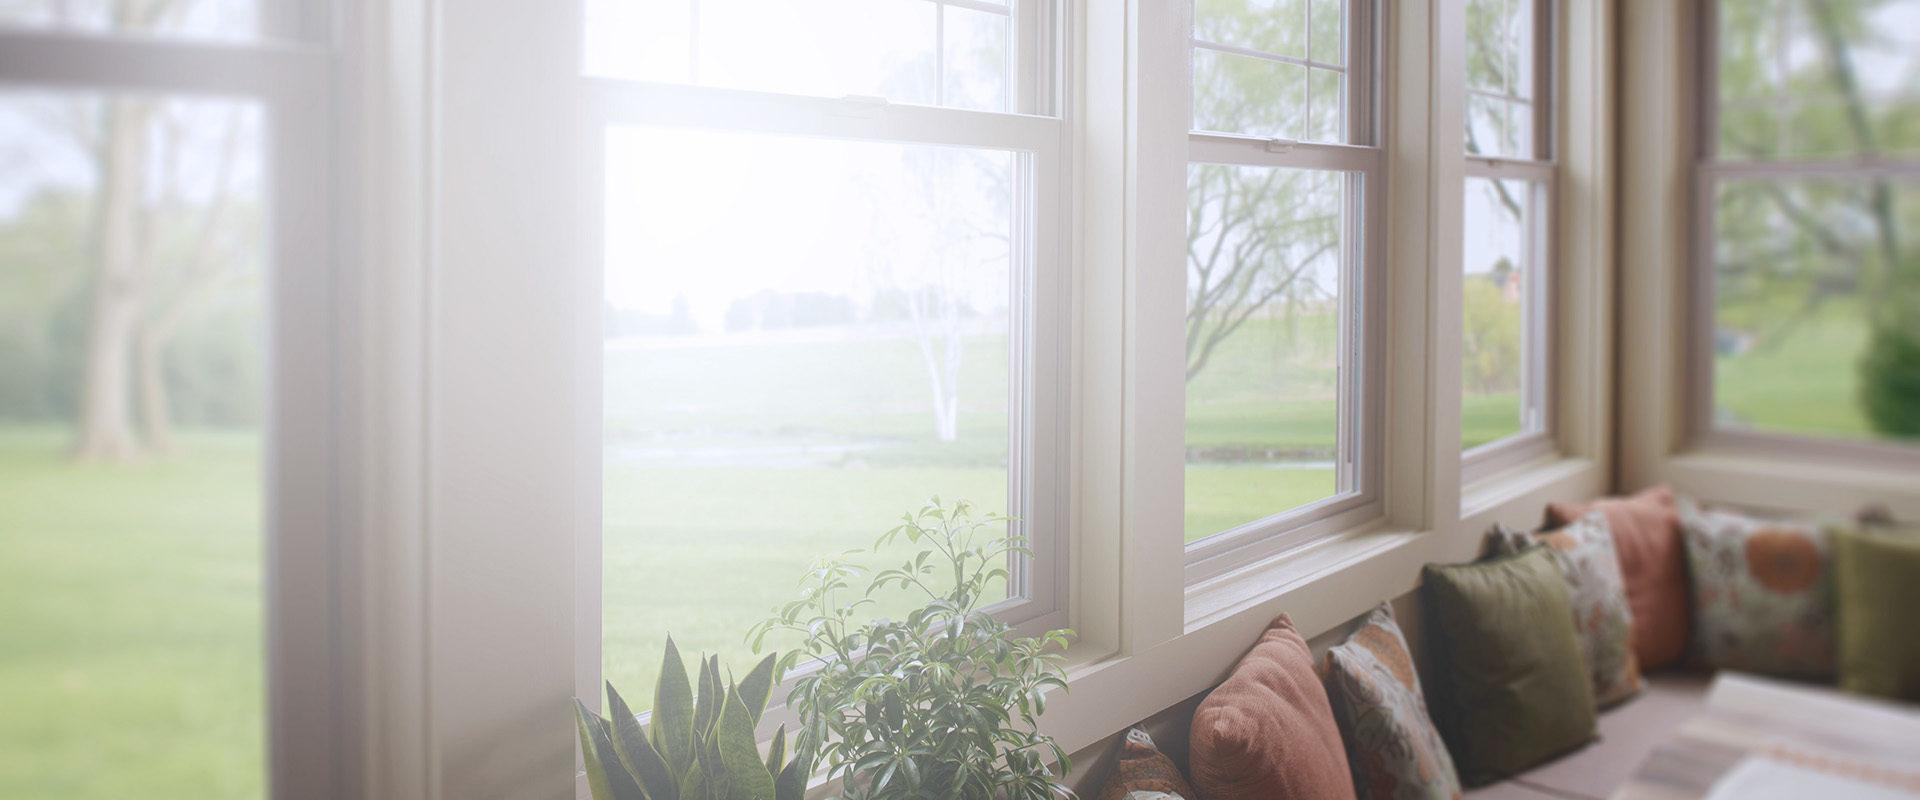 картинка фоновая идеальное окно для коттеджа Чебоксары